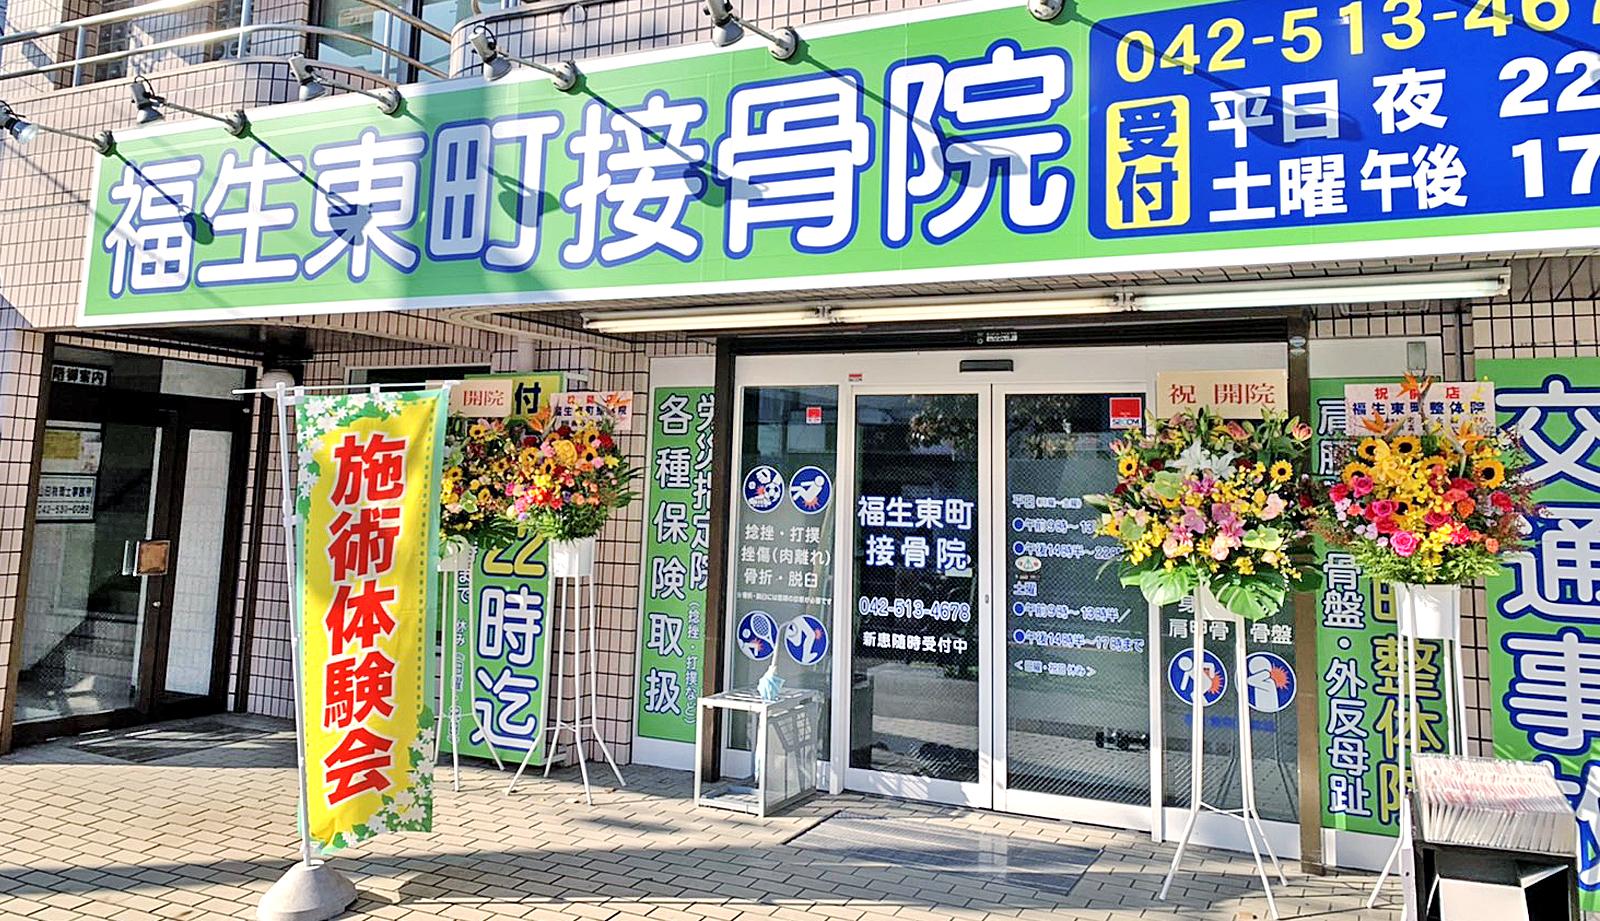 福生東町接骨院、プレオープン100円施術体験は10月3日まで!